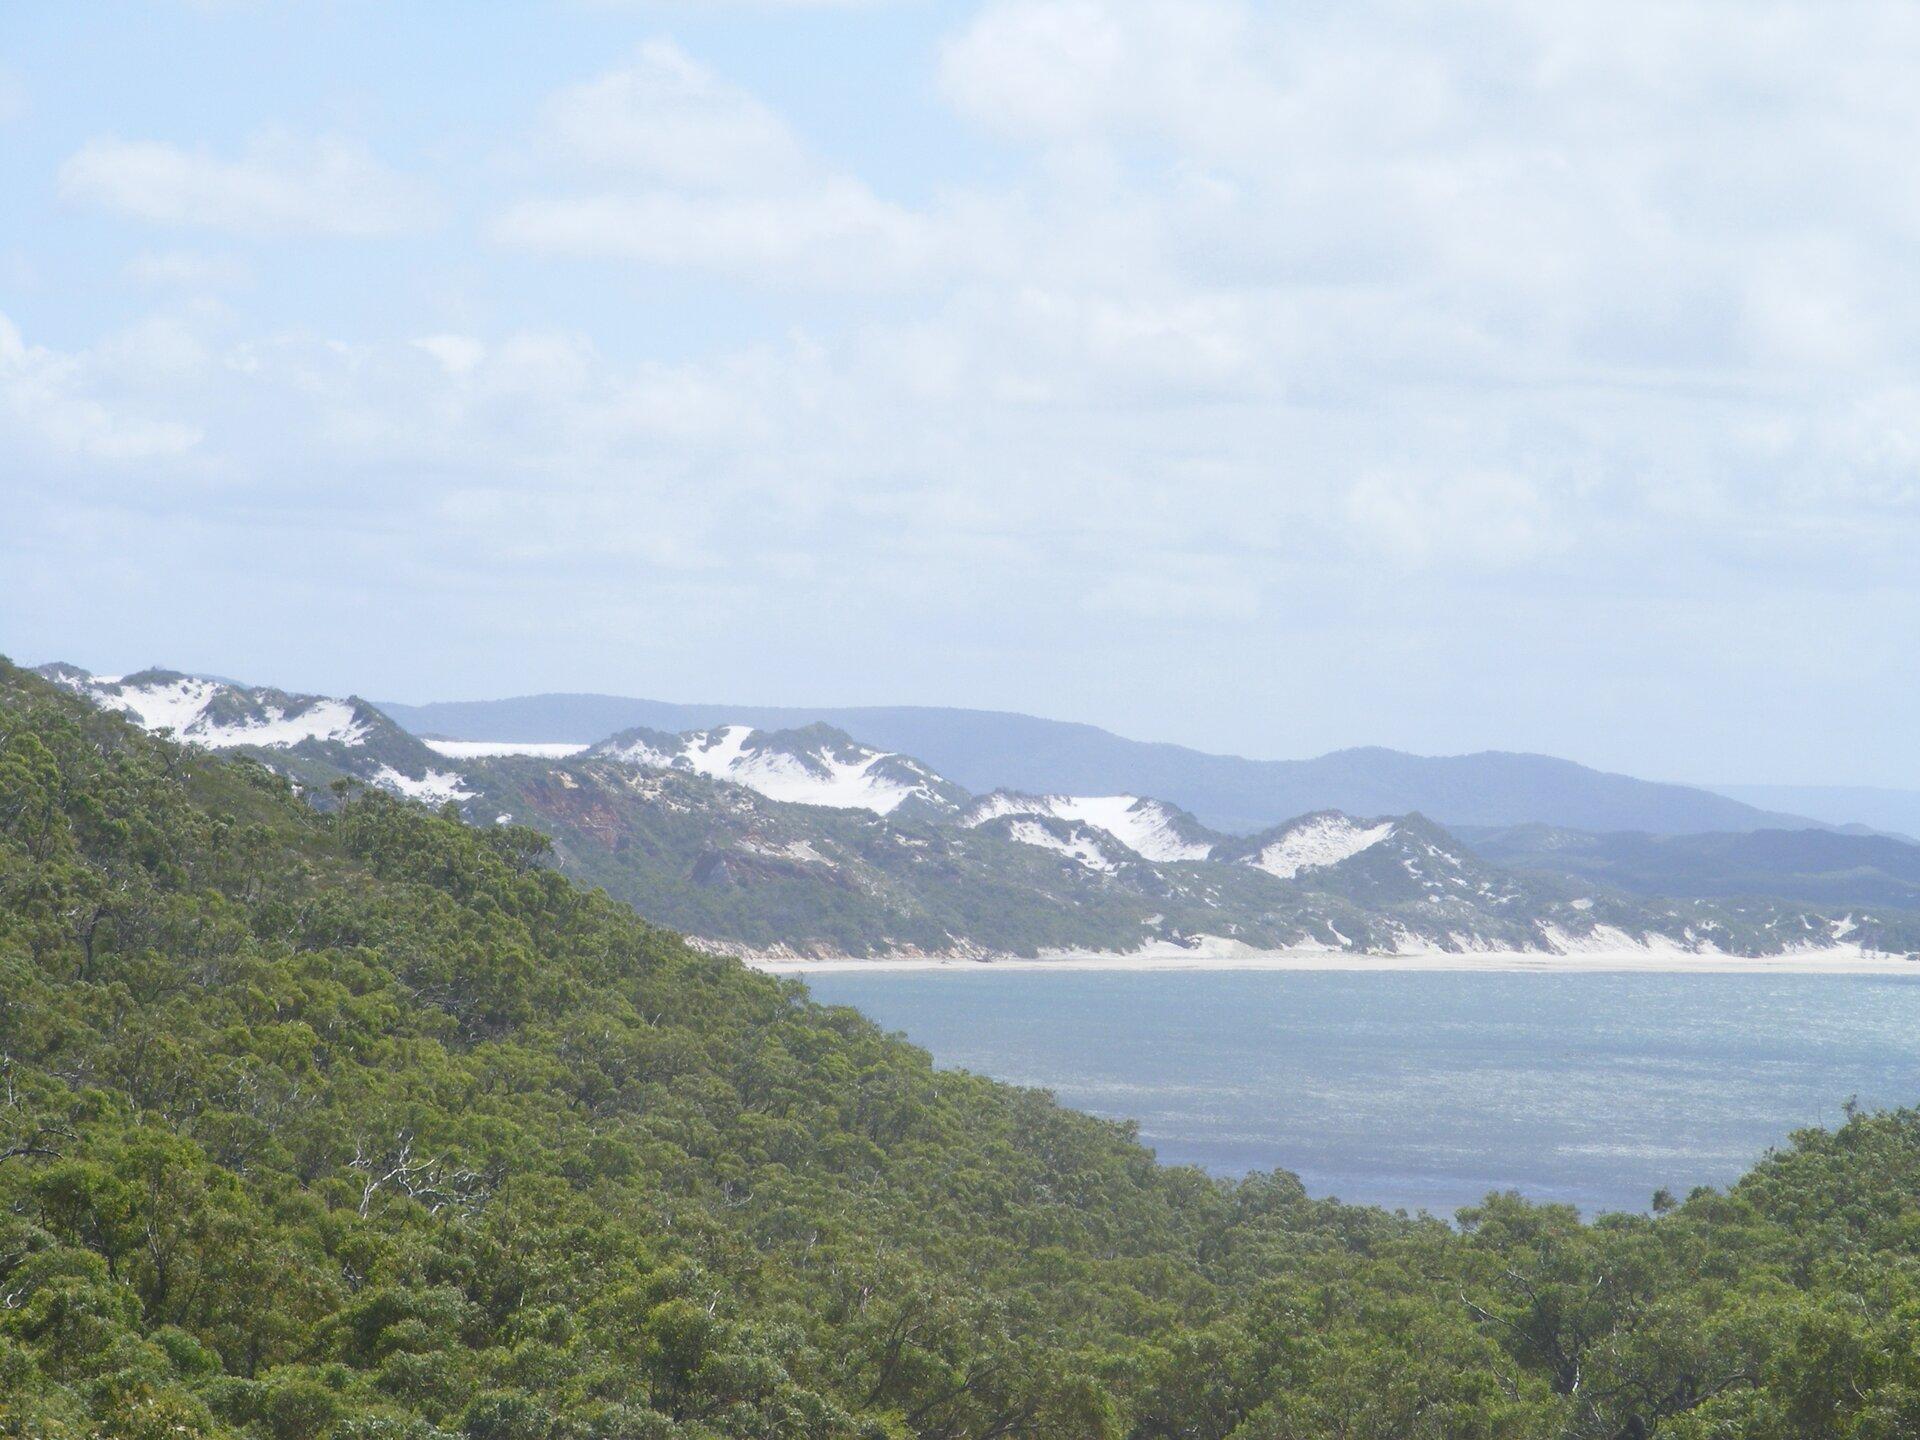 Na zdjęciu fragment zatoki, plaża piaszczyste wydmy porośnięte roślinnością, na pierwszym planie gęsty las.